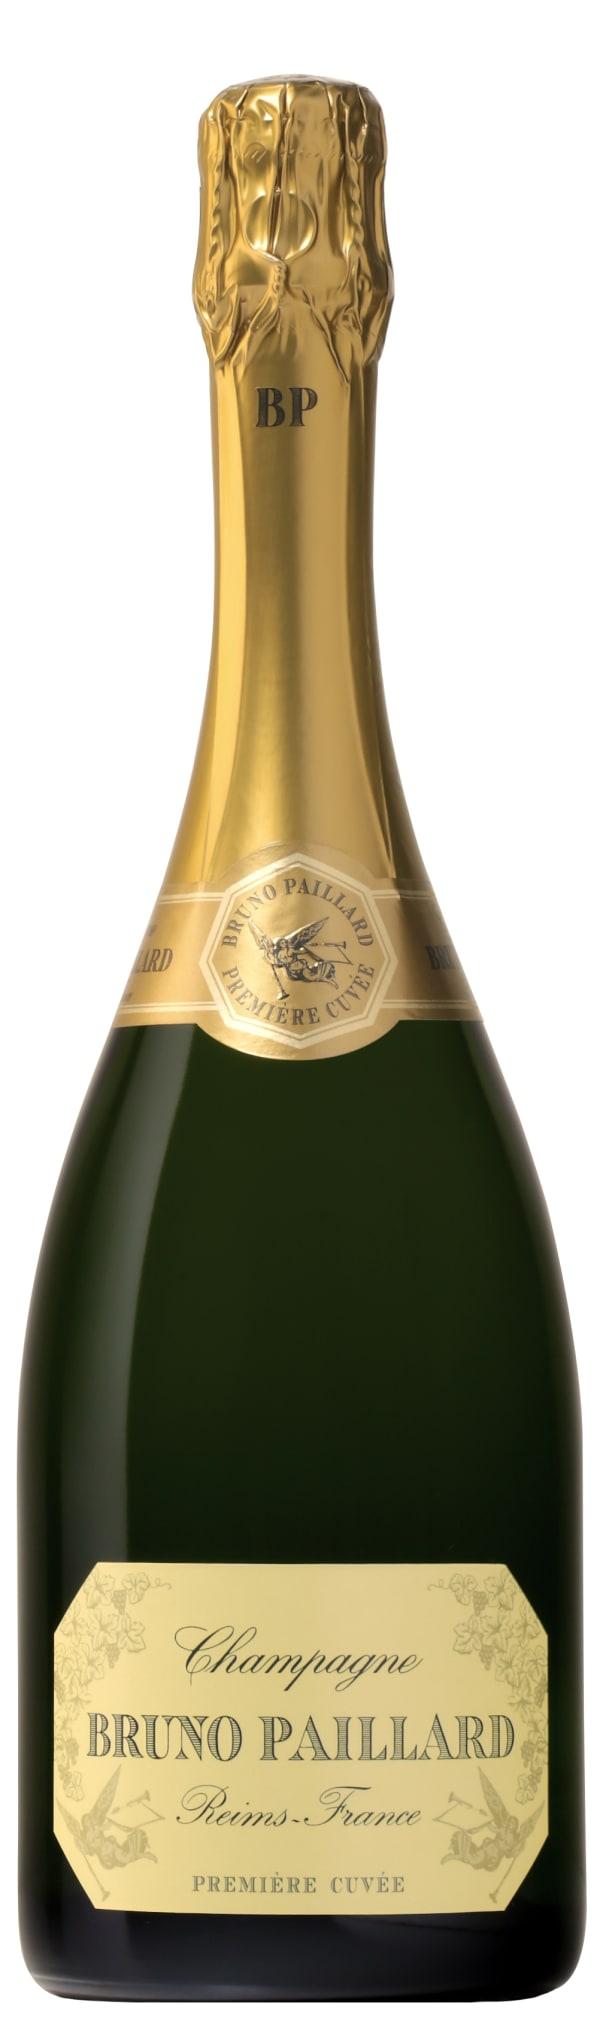 Bruno Paillard Première Cuvée Champagne Brut